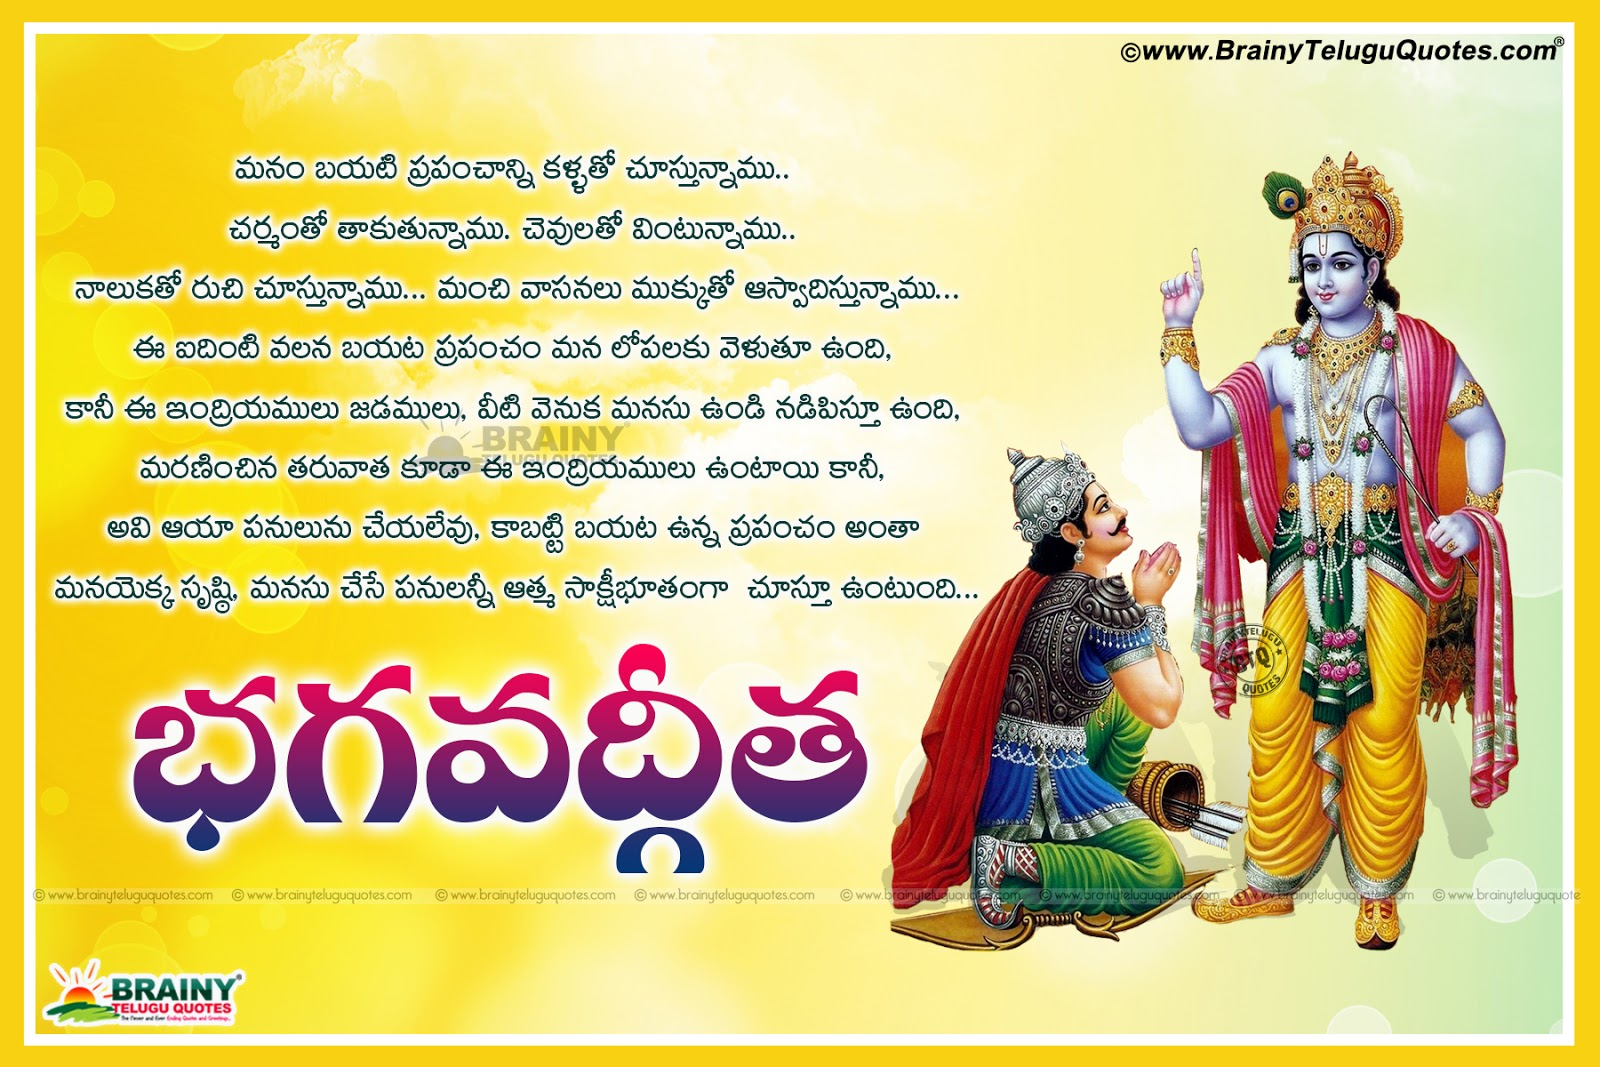 Complete Bhagavad Geeta in Telugu